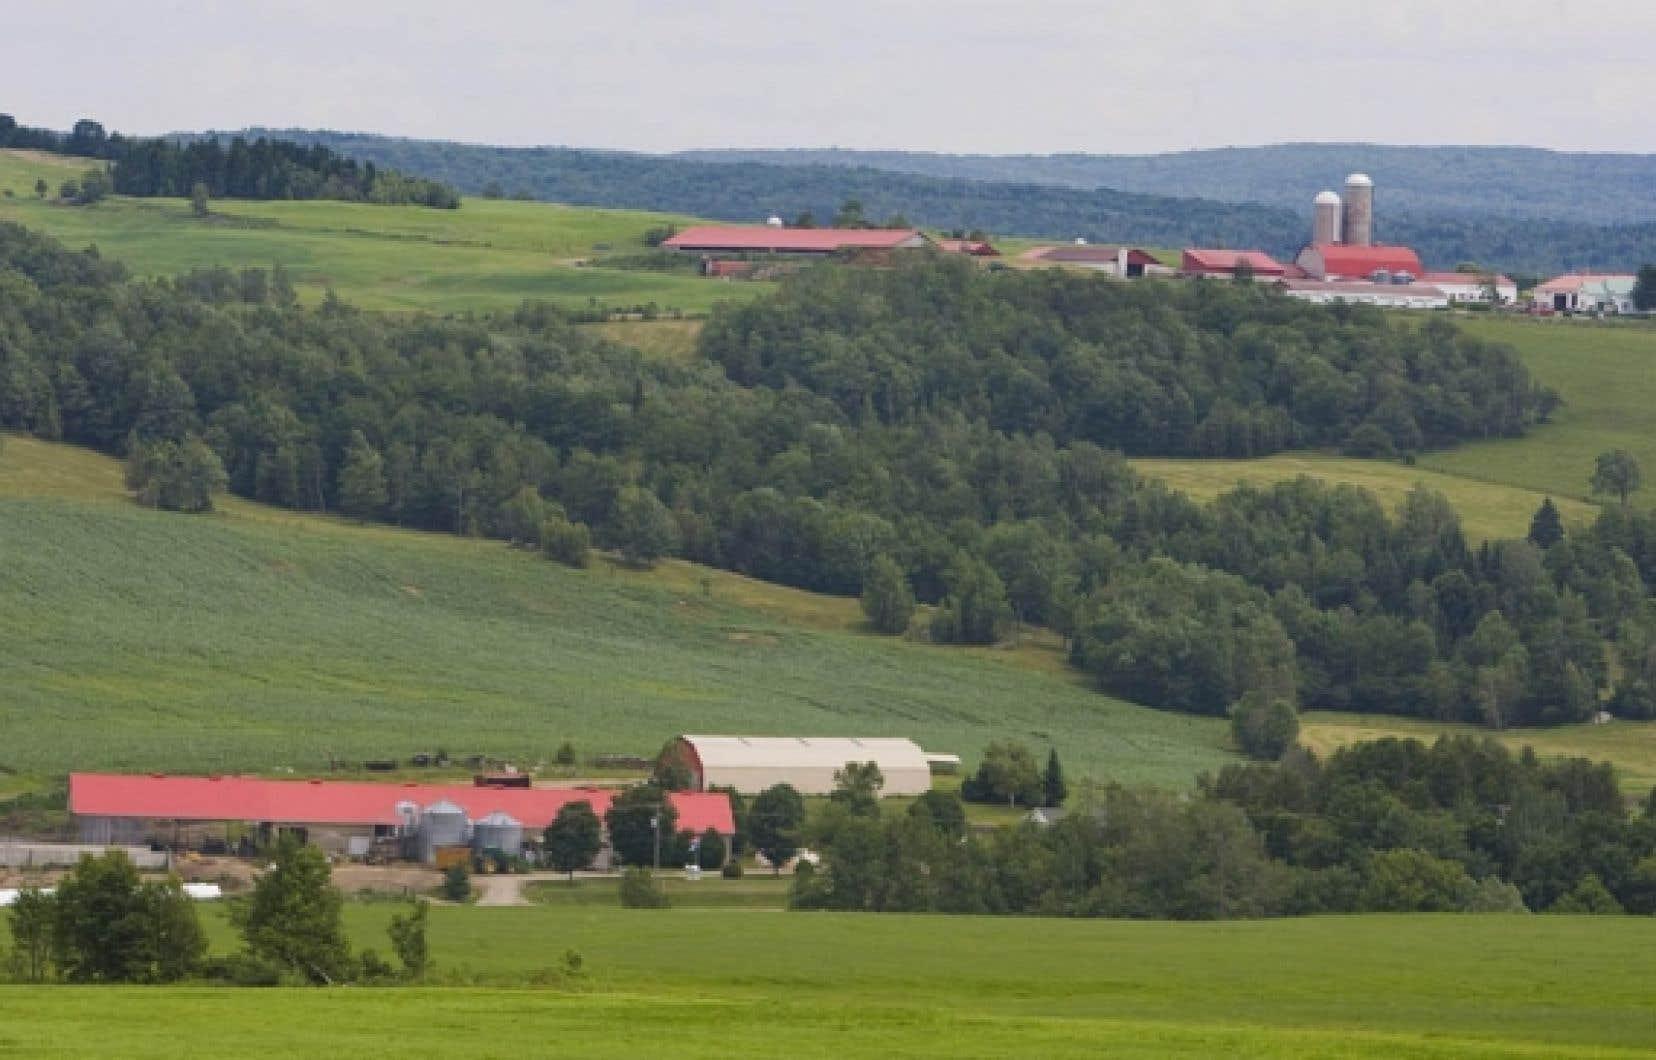 La nouvelle loi sur les mines doit être harmonisée avec celle protégeant le territoire et les activités agricoles, selon la FQM.